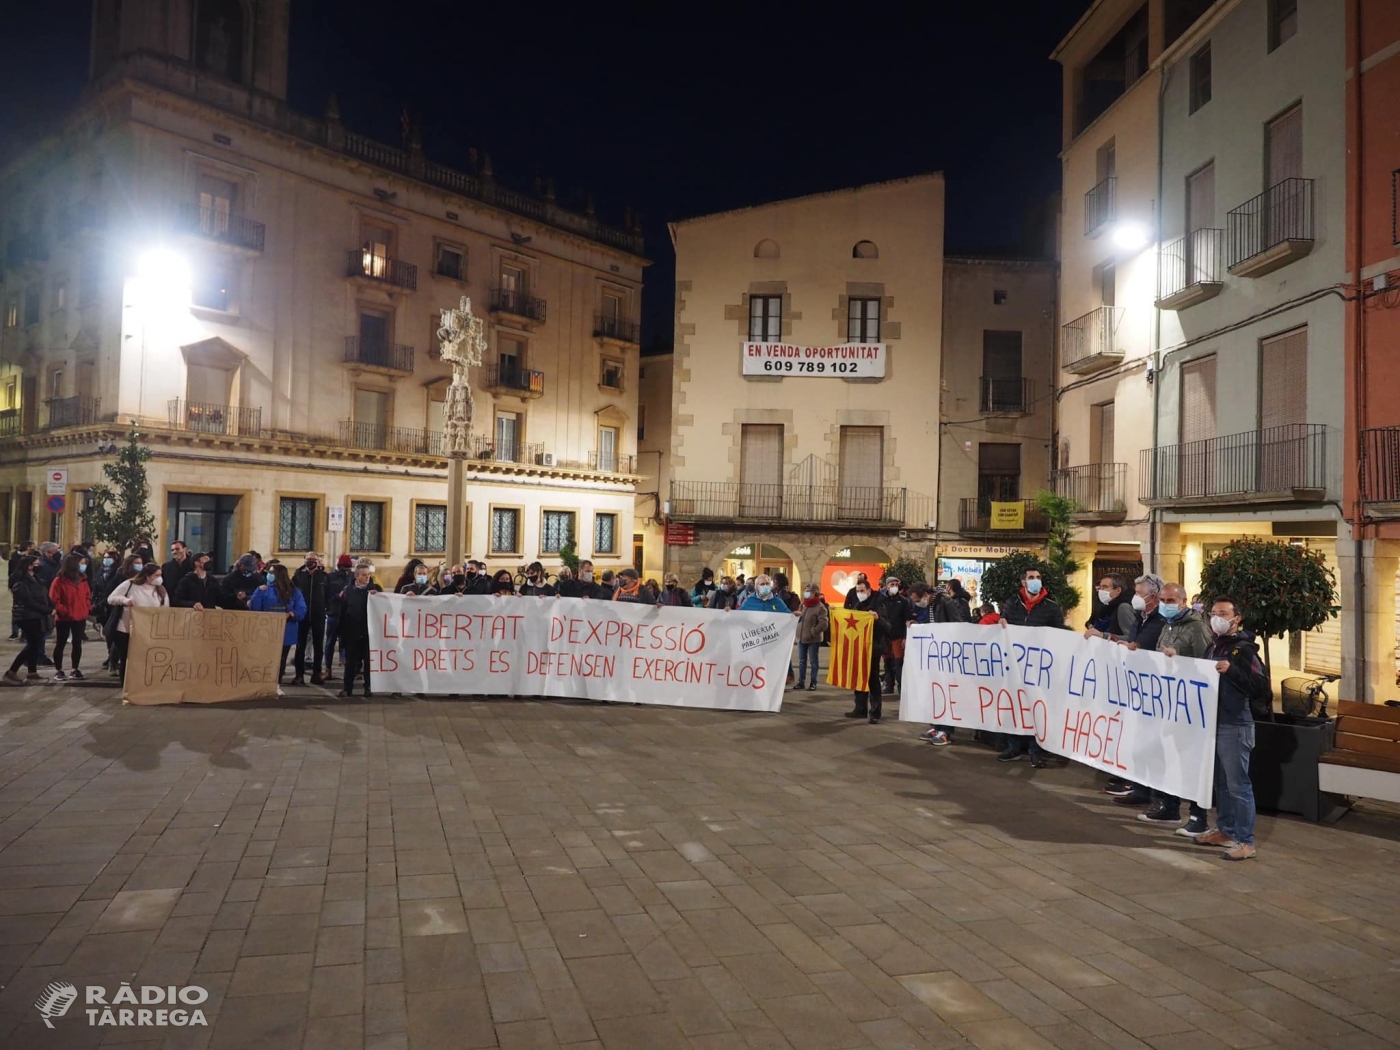 Més de mig centenar de persones es manifestaven ahir al vespre a Tàrrega en contra de l'empresonament del raper lleidatà Pablo Hasel